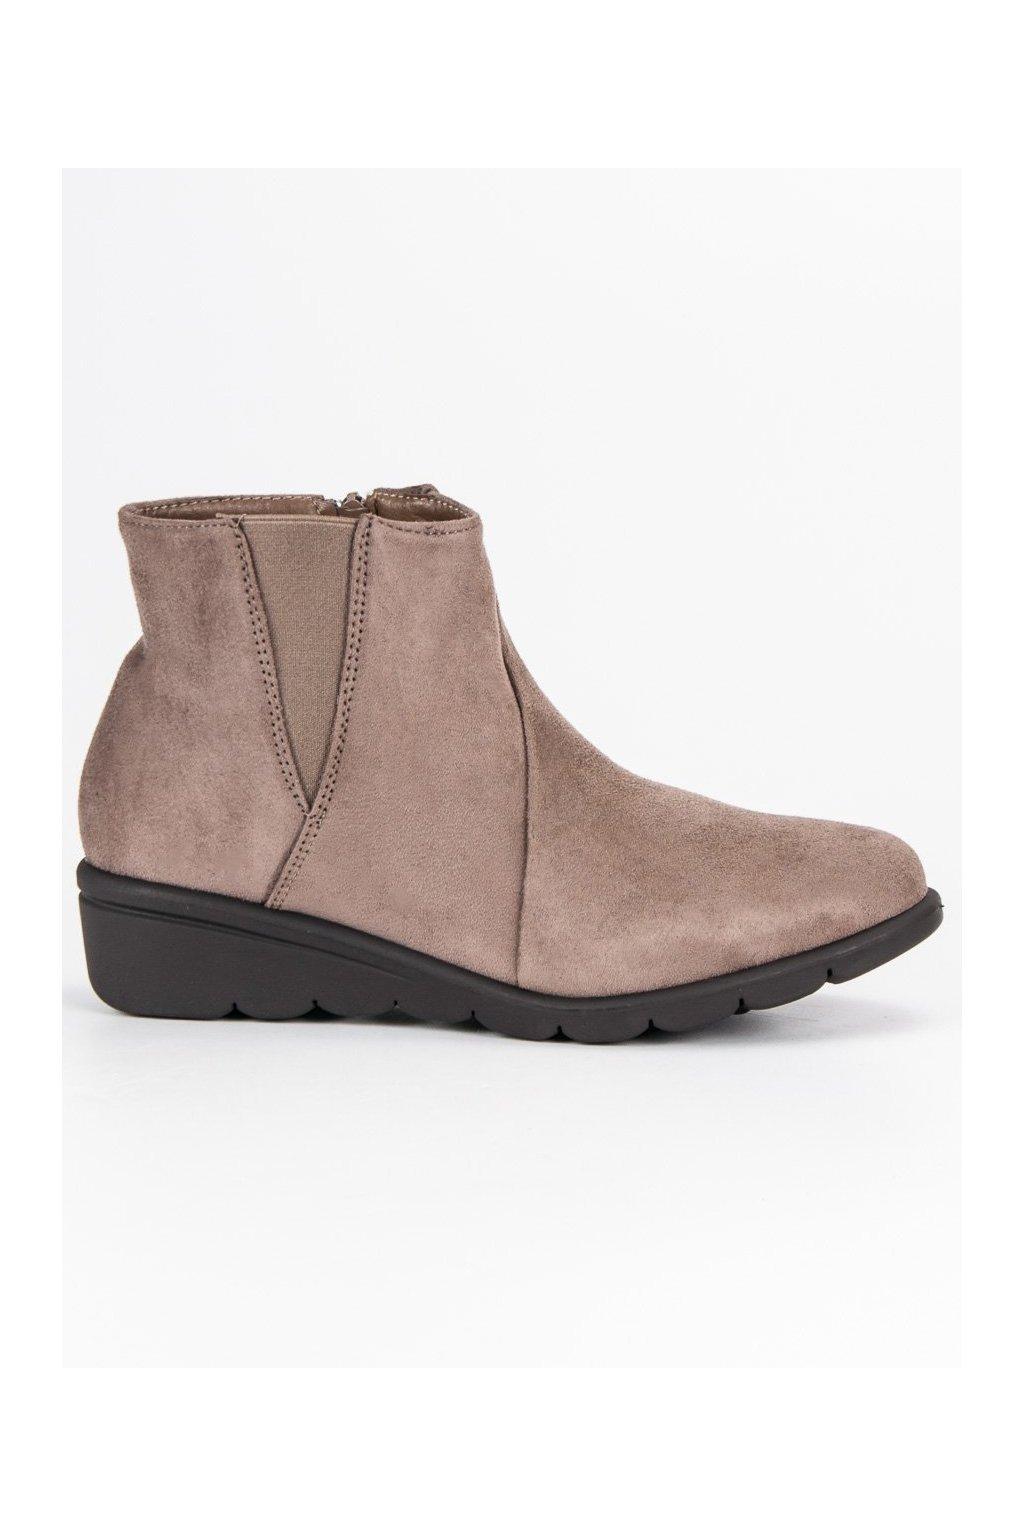 Dámske béžové topánky semišová členková obuv Kylie 1b2049e8171